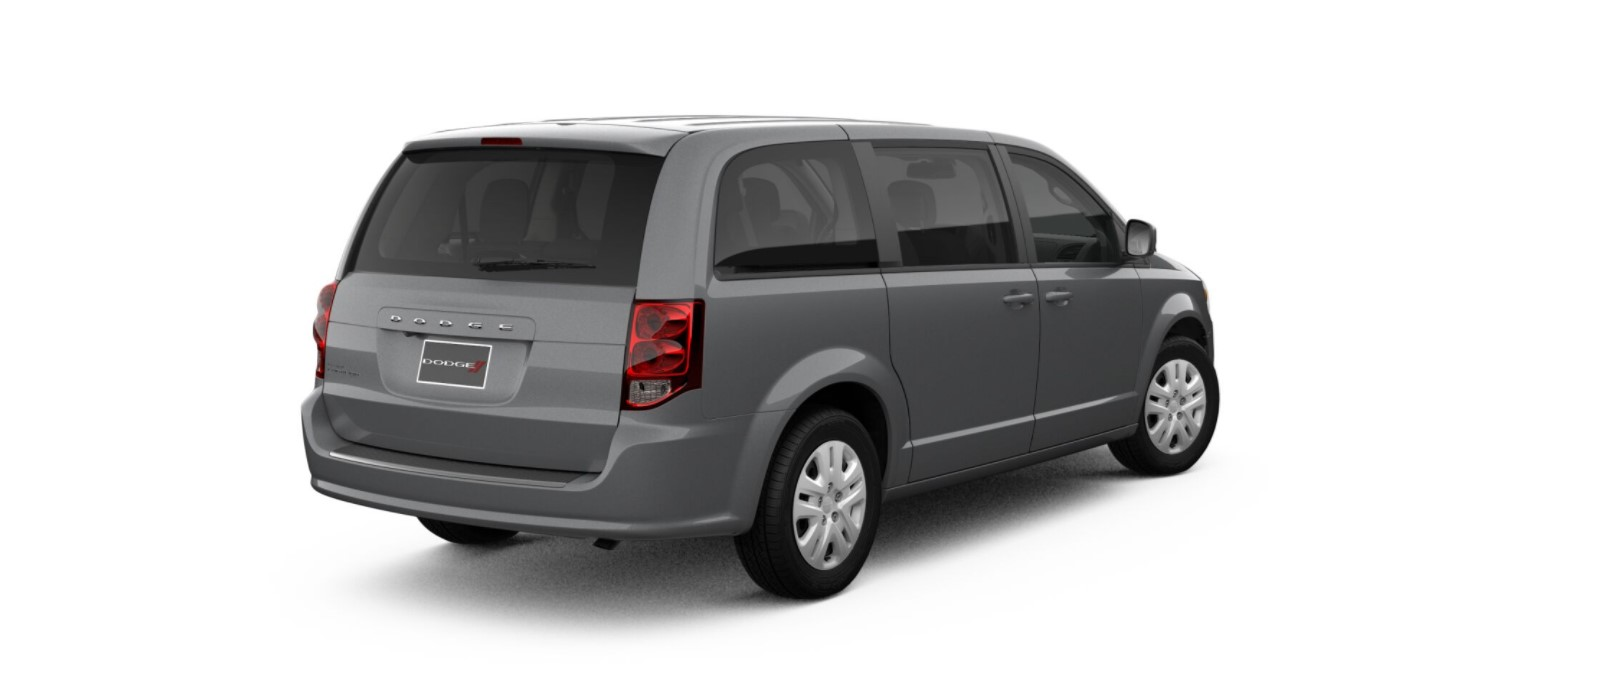 2018 dodge grand caravan se huntington jeep dix hills ny. Black Bedroom Furniture Sets. Home Design Ideas